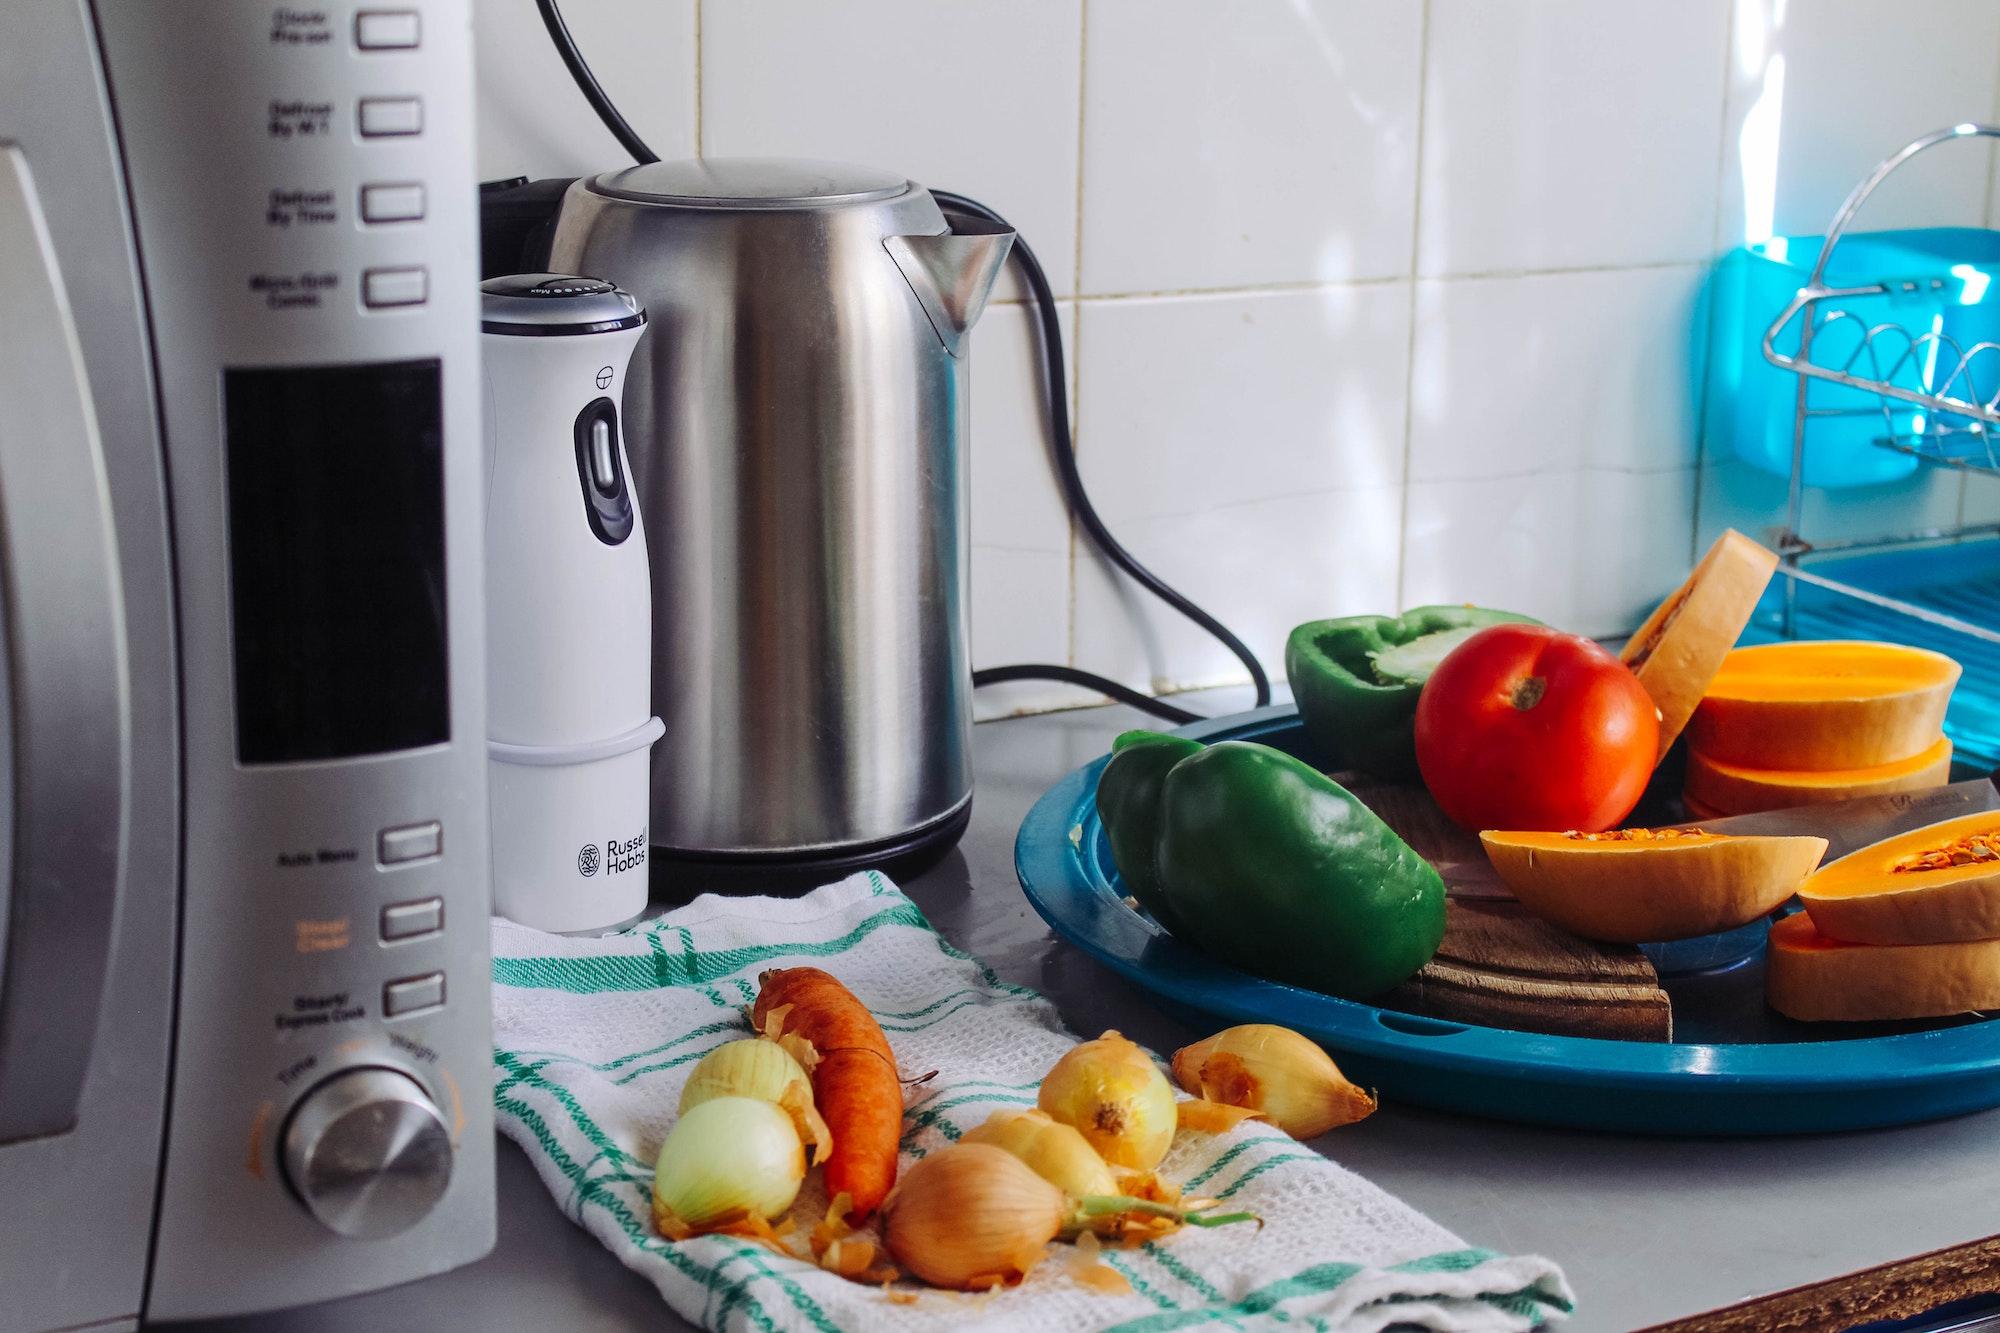 Procesamiento y calidad en productos electrodomésticos